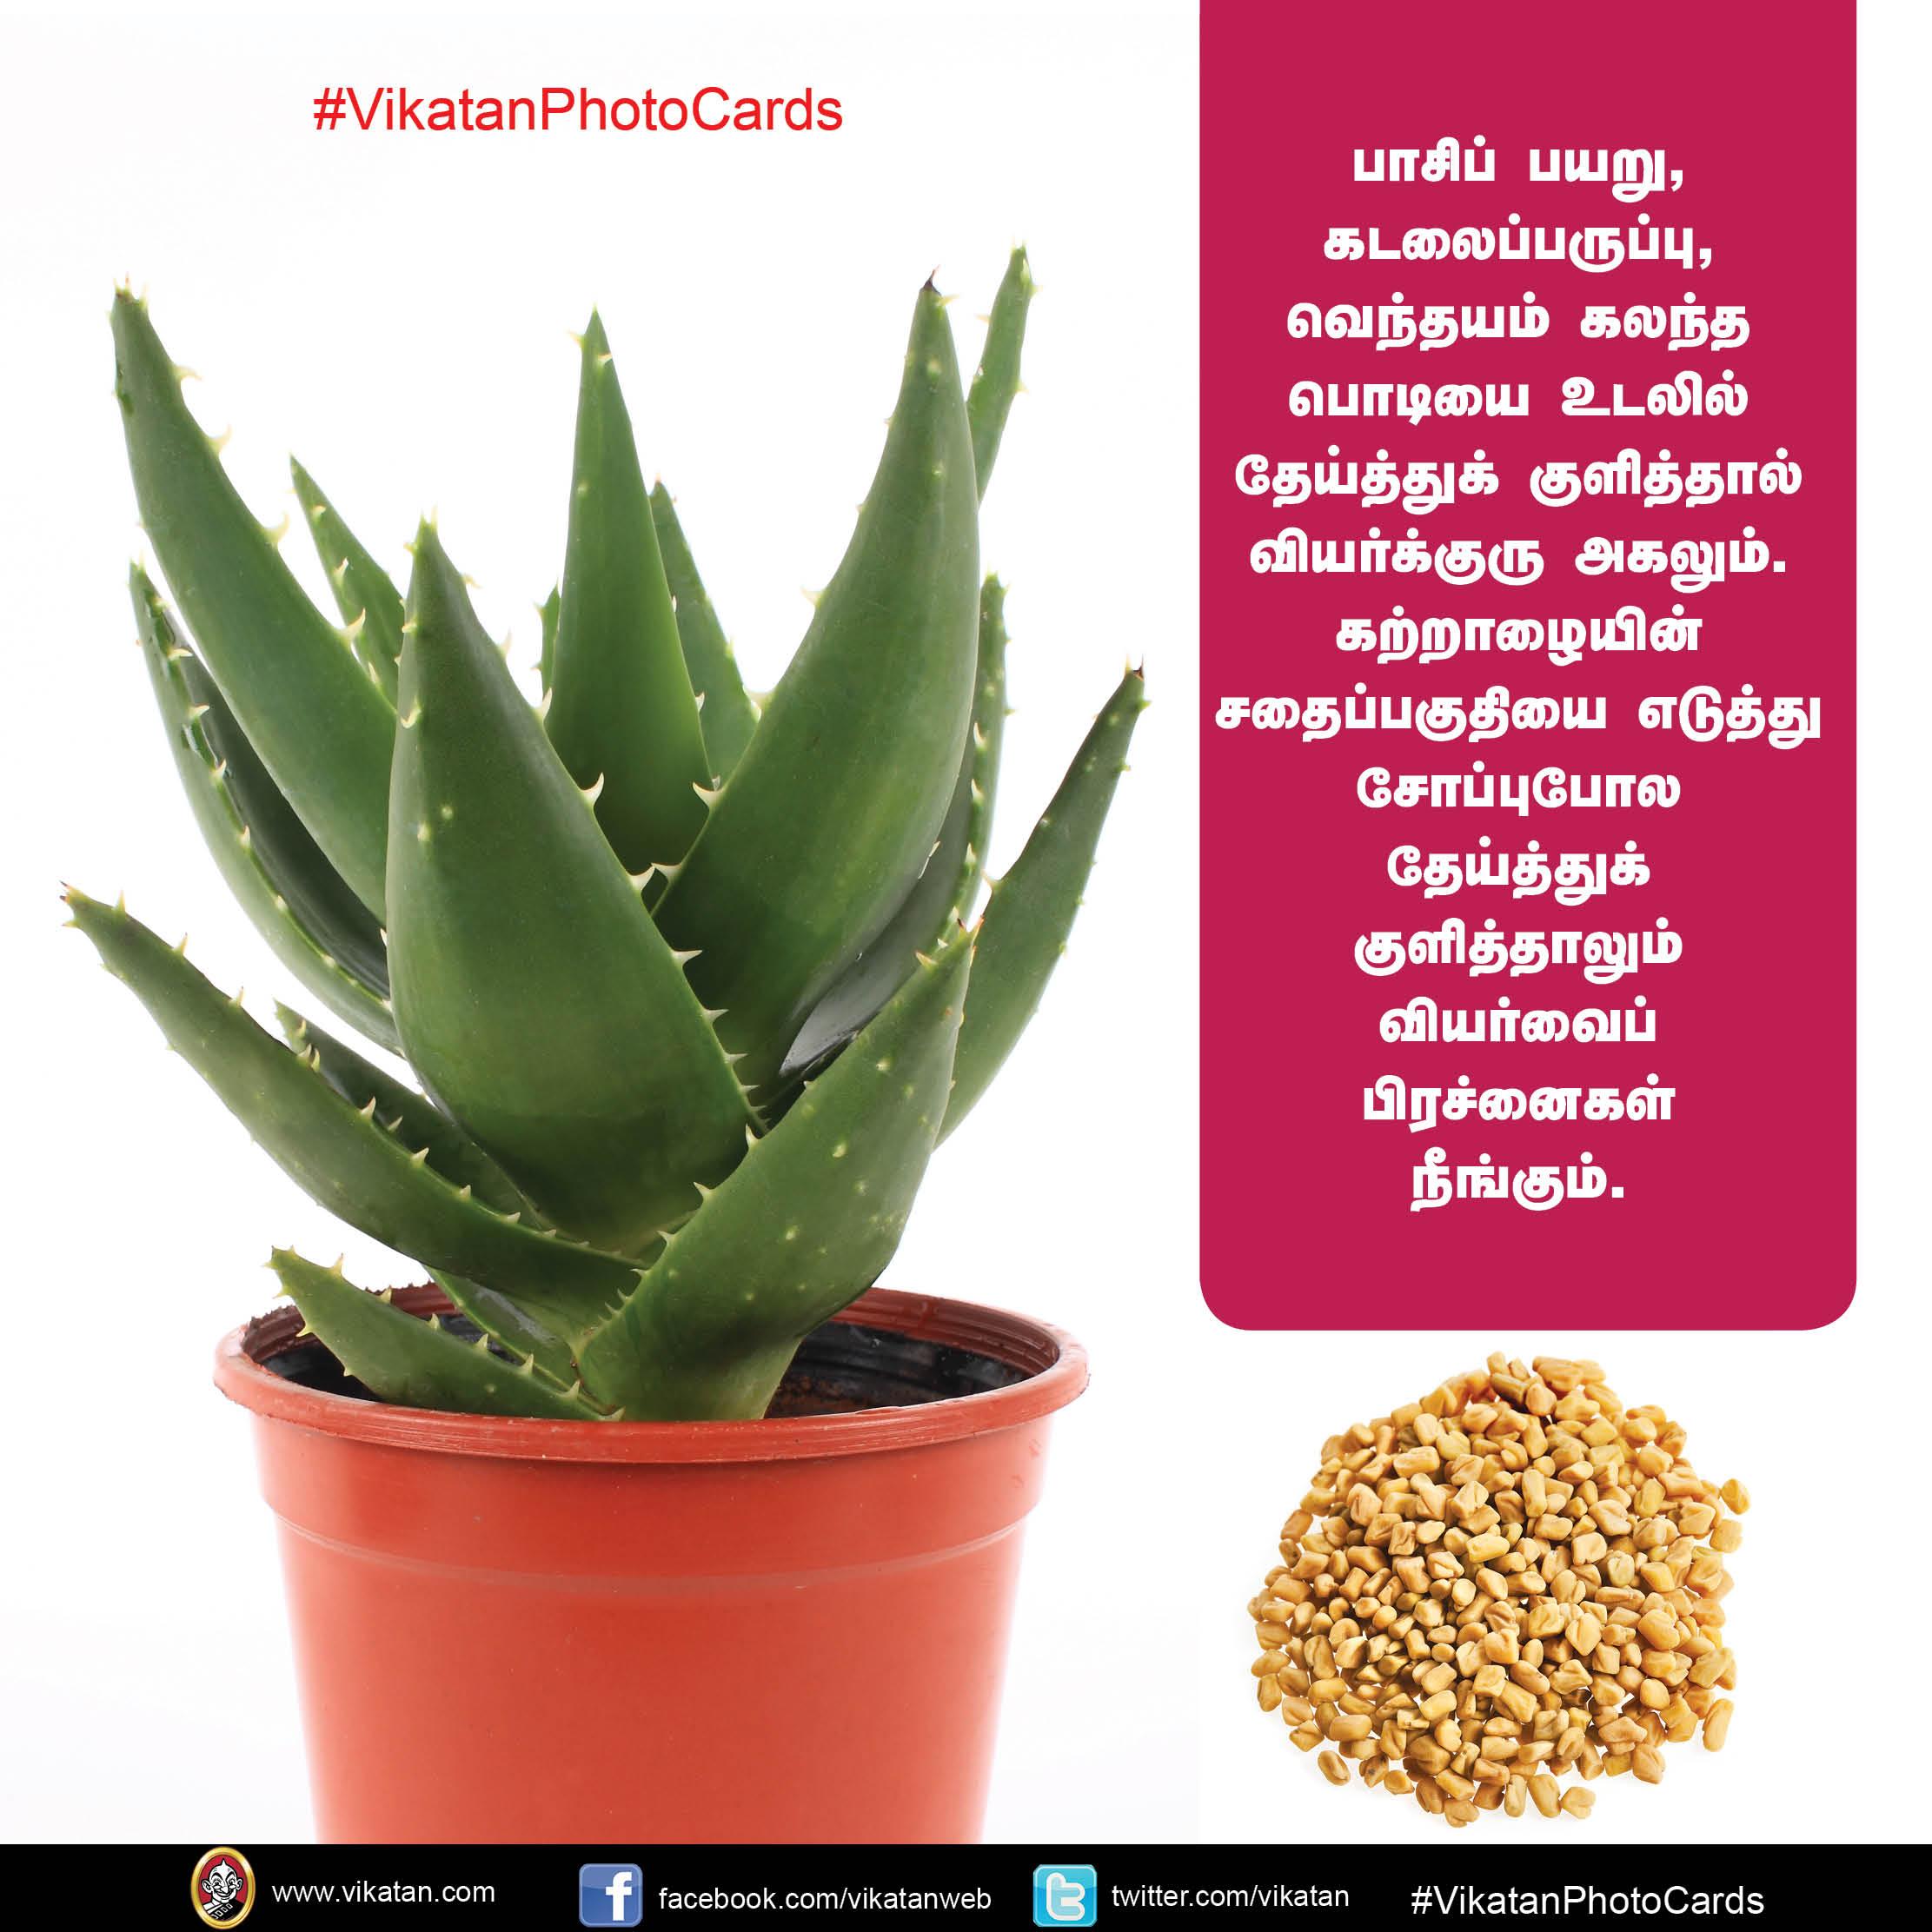 வெயில் காலத்தில் வதைக்கும் வியர்க்குருவைப் போக்க இயற்கையான தீர்வுகள்! #VikatanPhotoCards